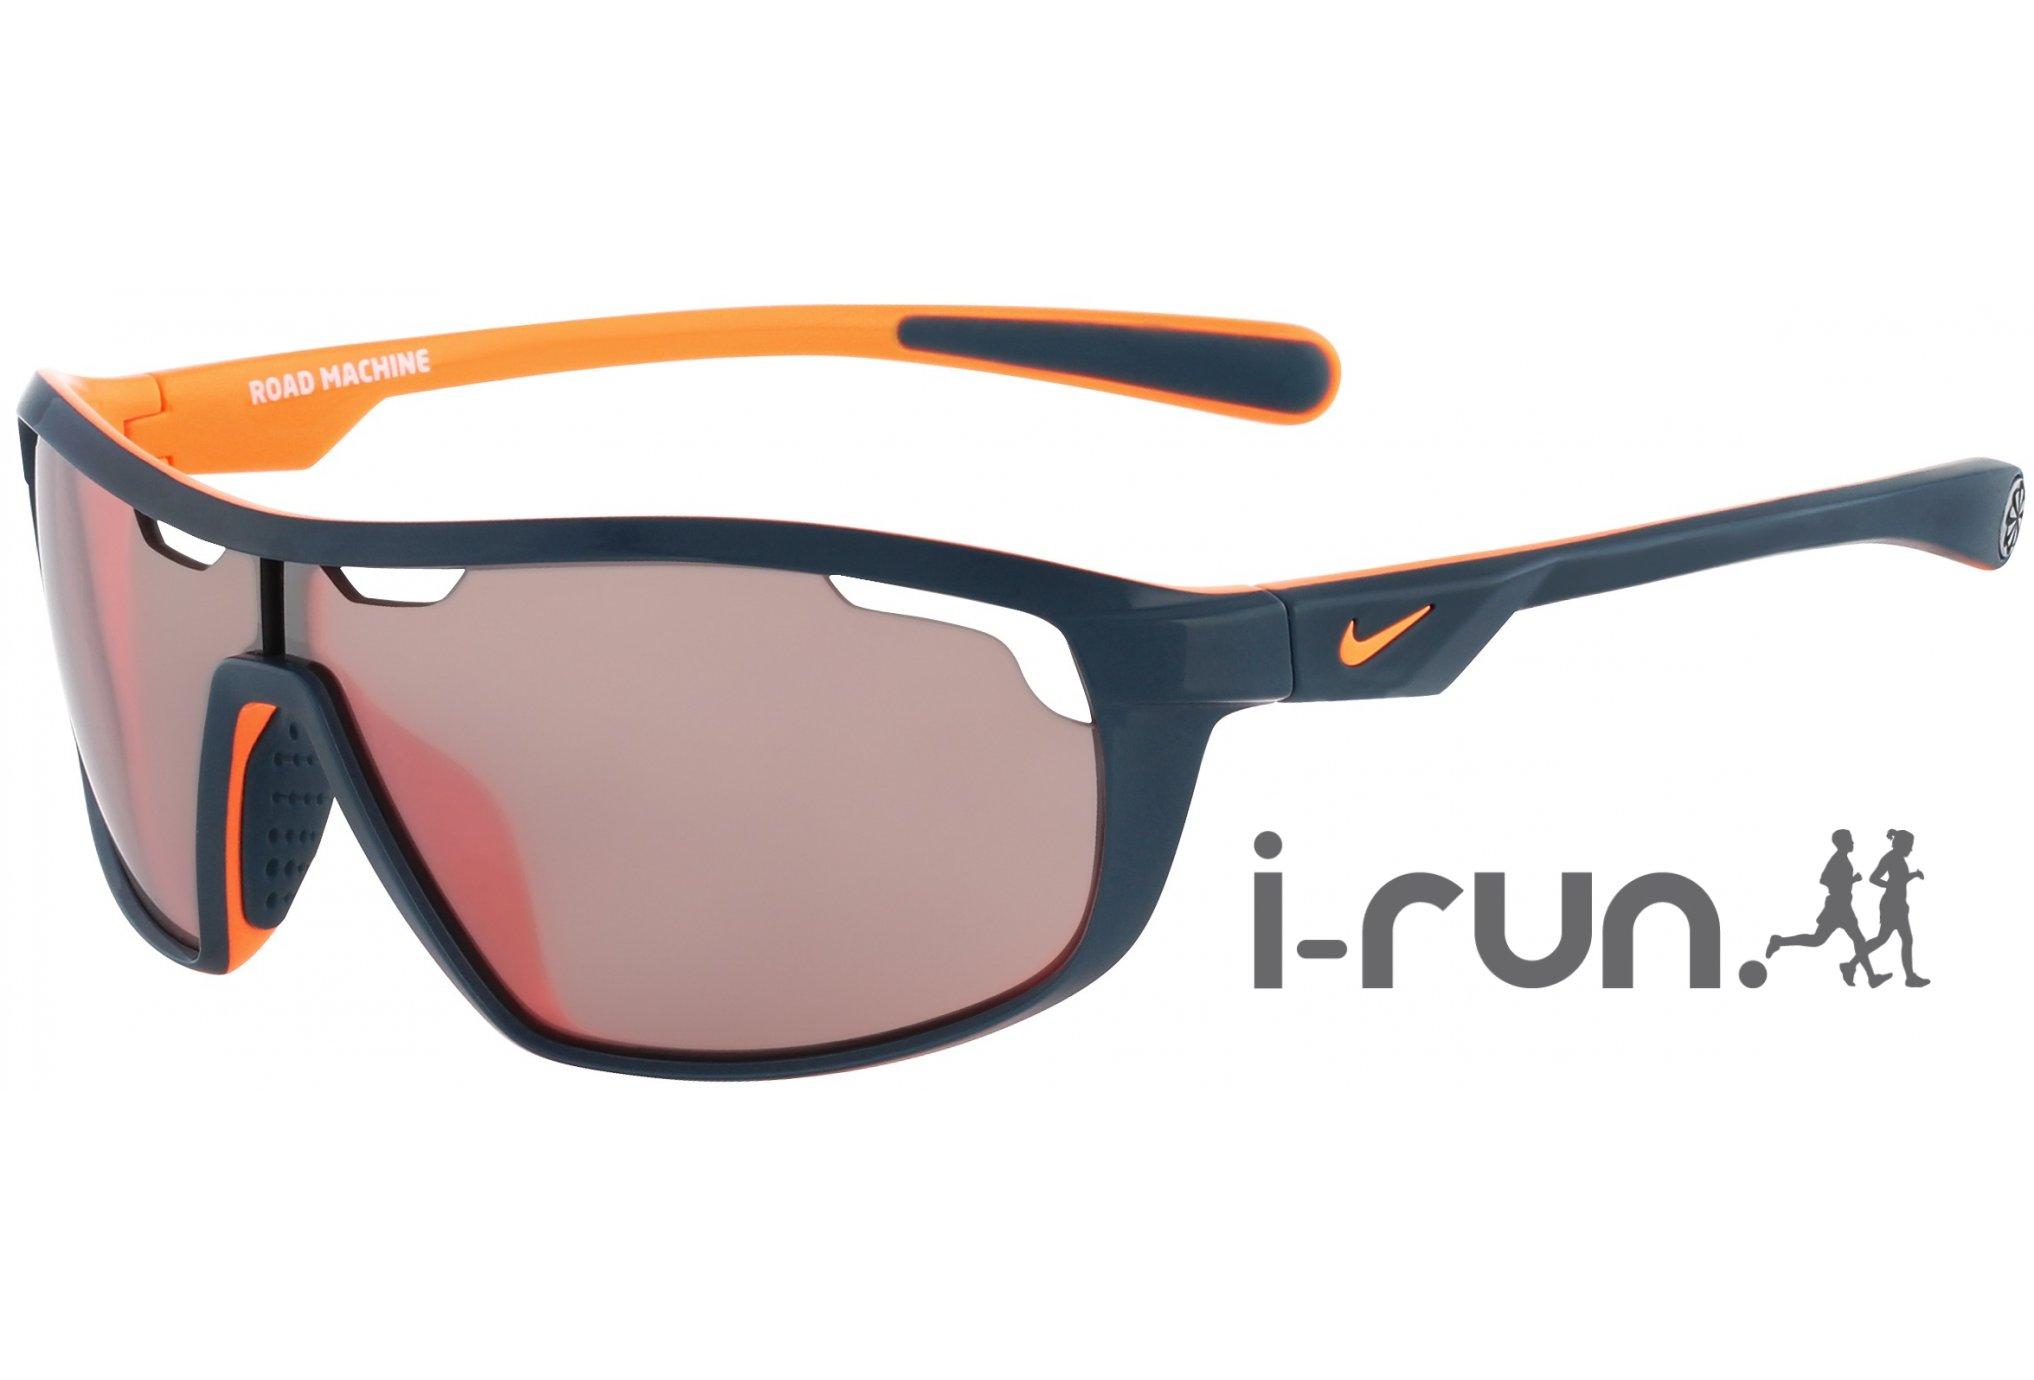 Nike Lunettes Road Machine E Lunettes